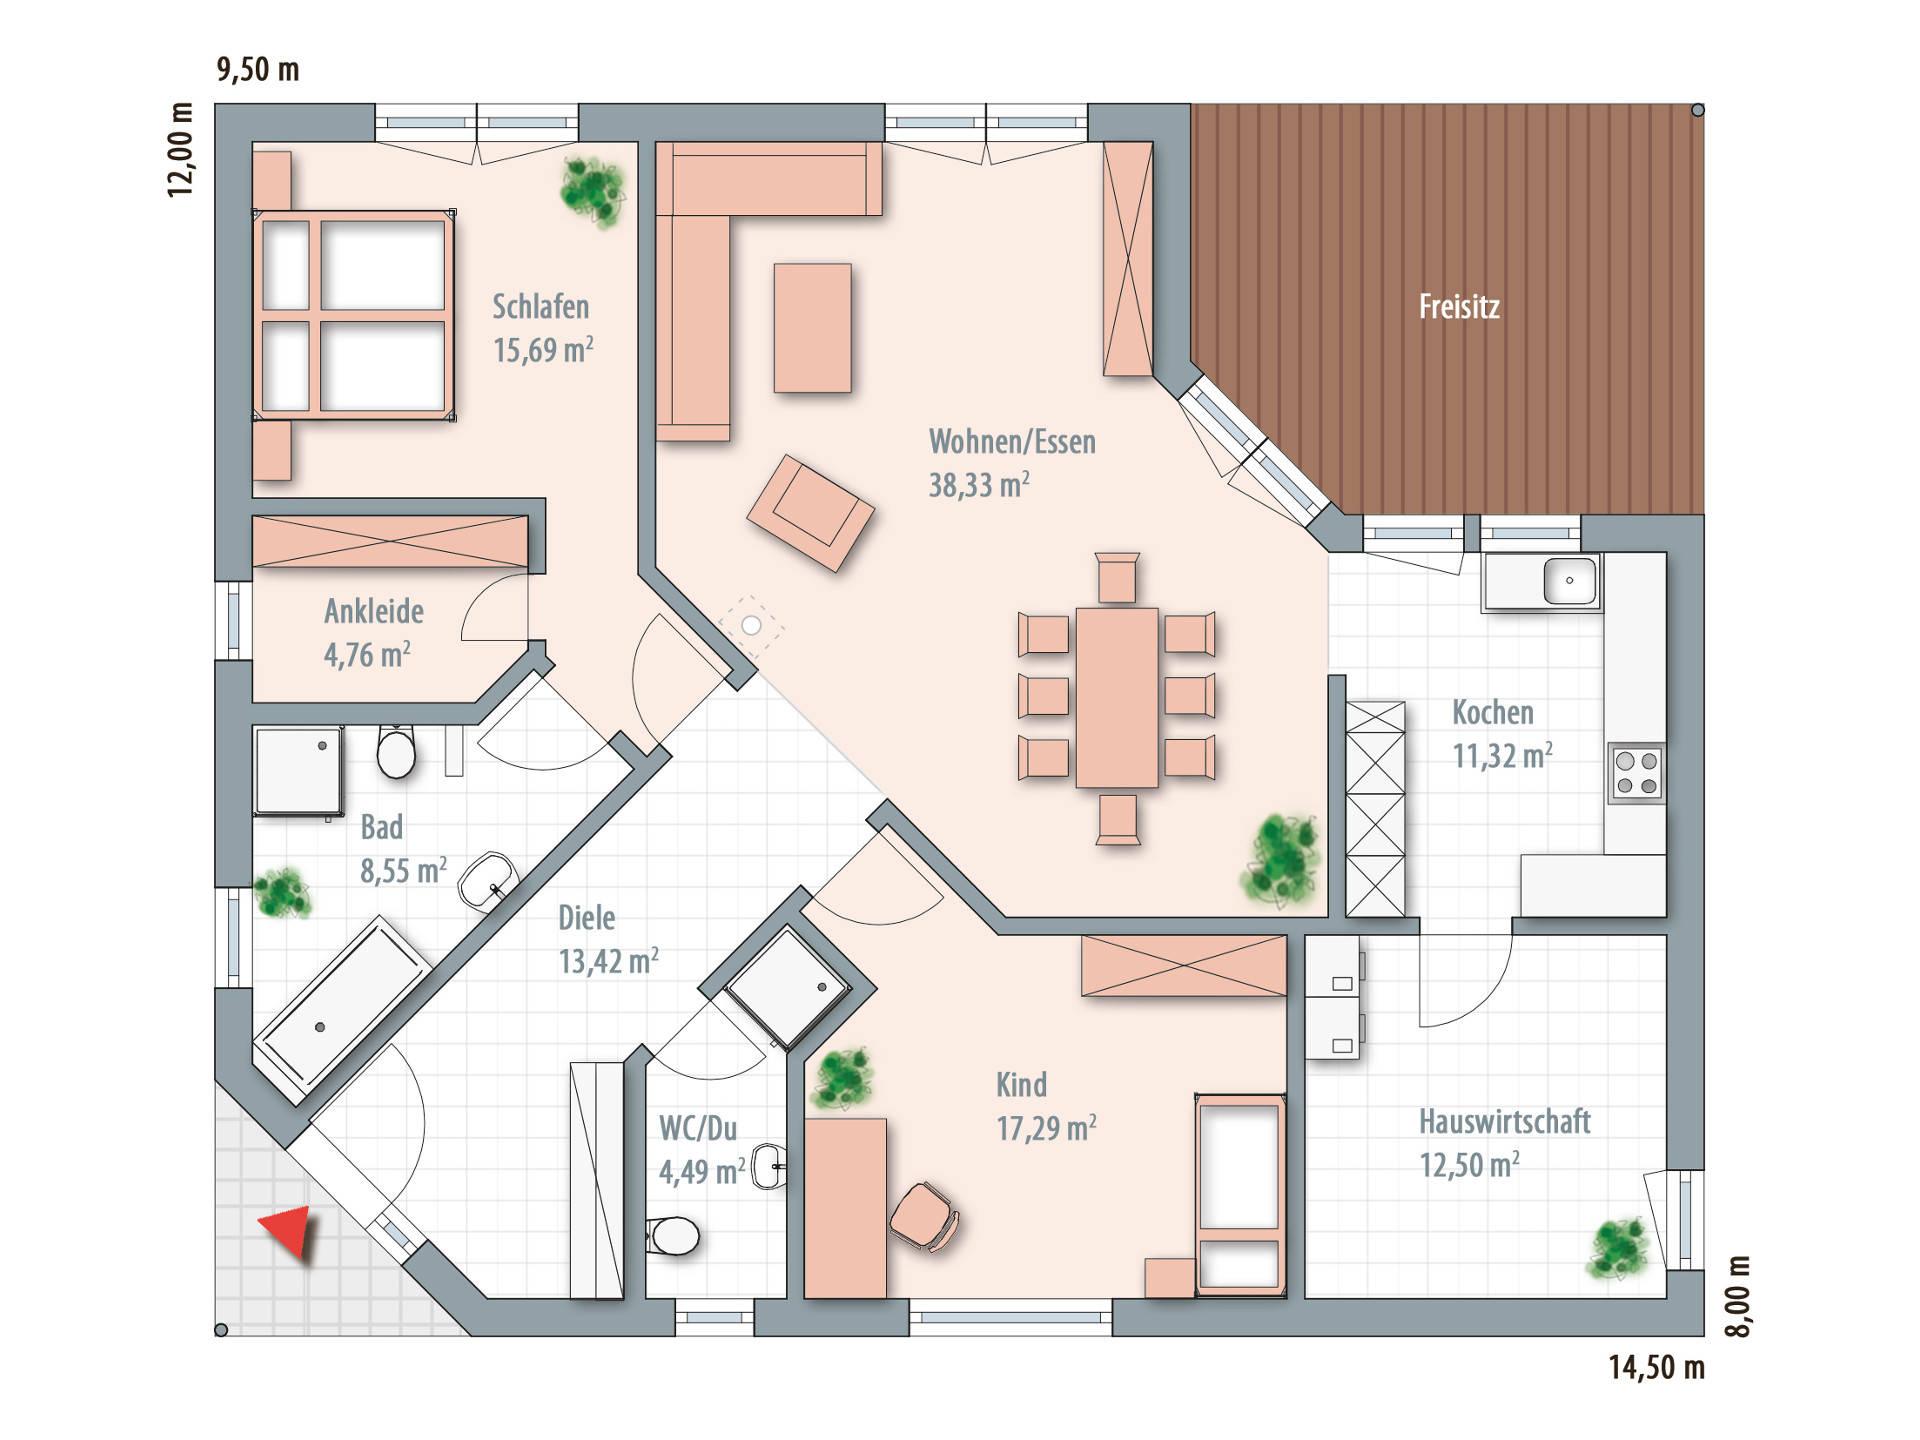 Musterhaus bungalow  Bungalow 130 - Zimmermann Haus